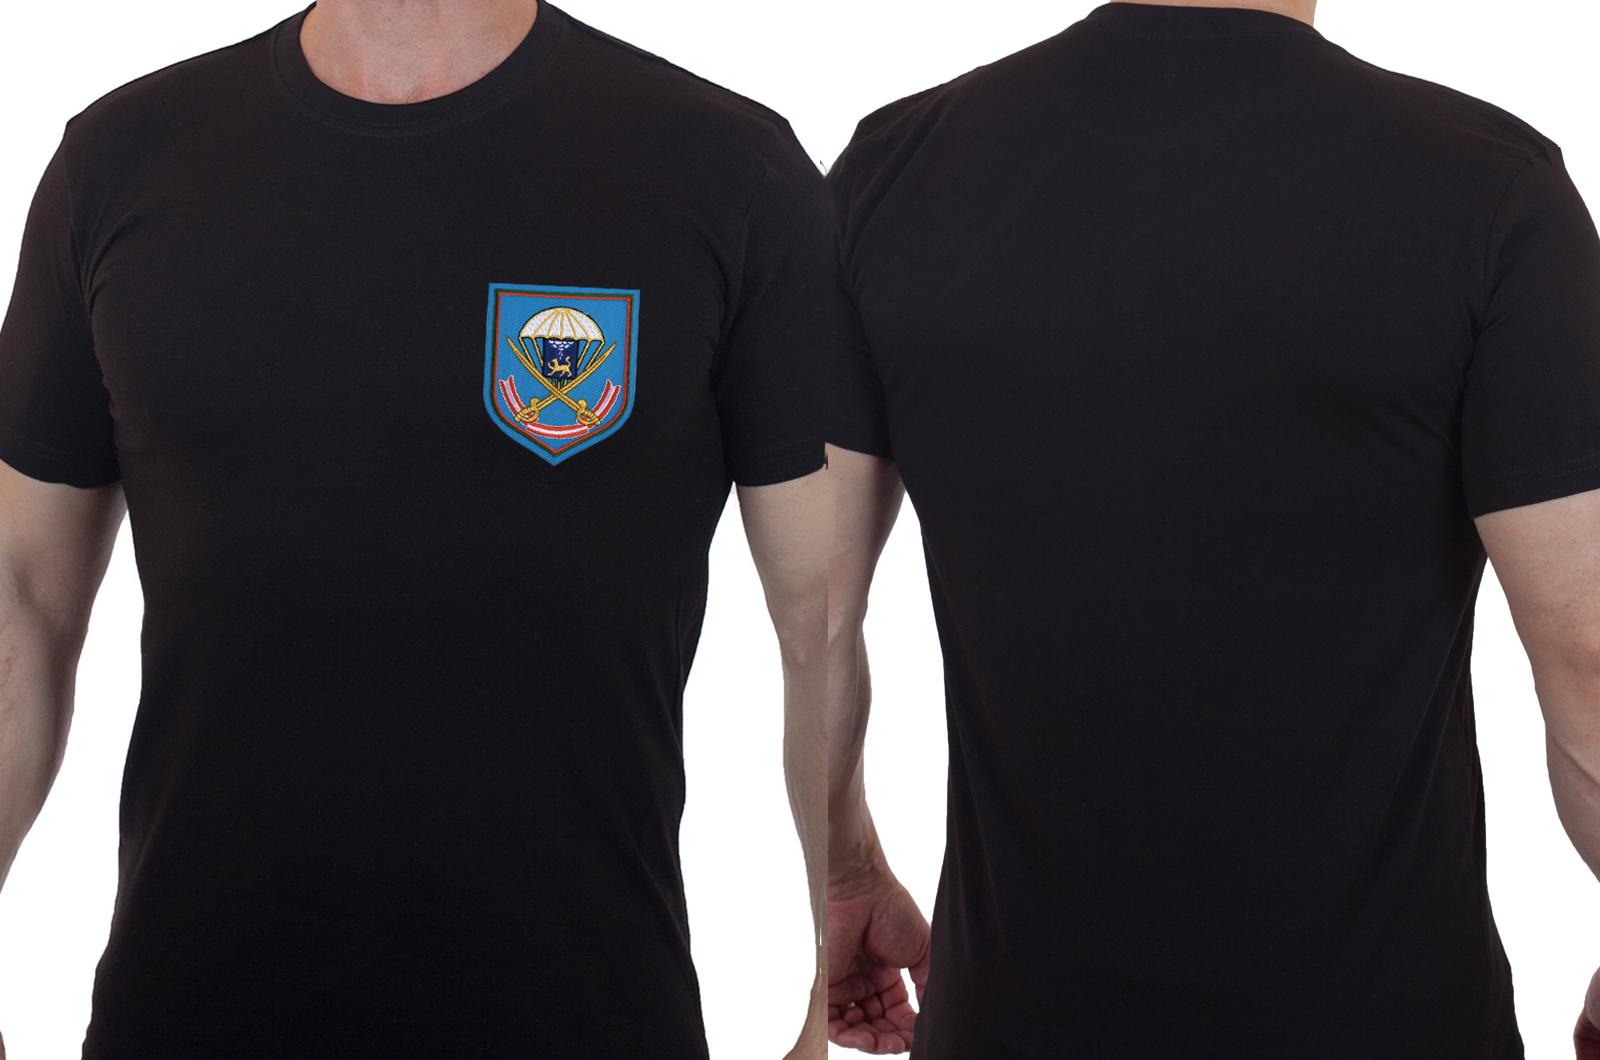 Мужская военная футболка с вышитой эмблемой ВДВ 104 ПДП - заказать в розницу